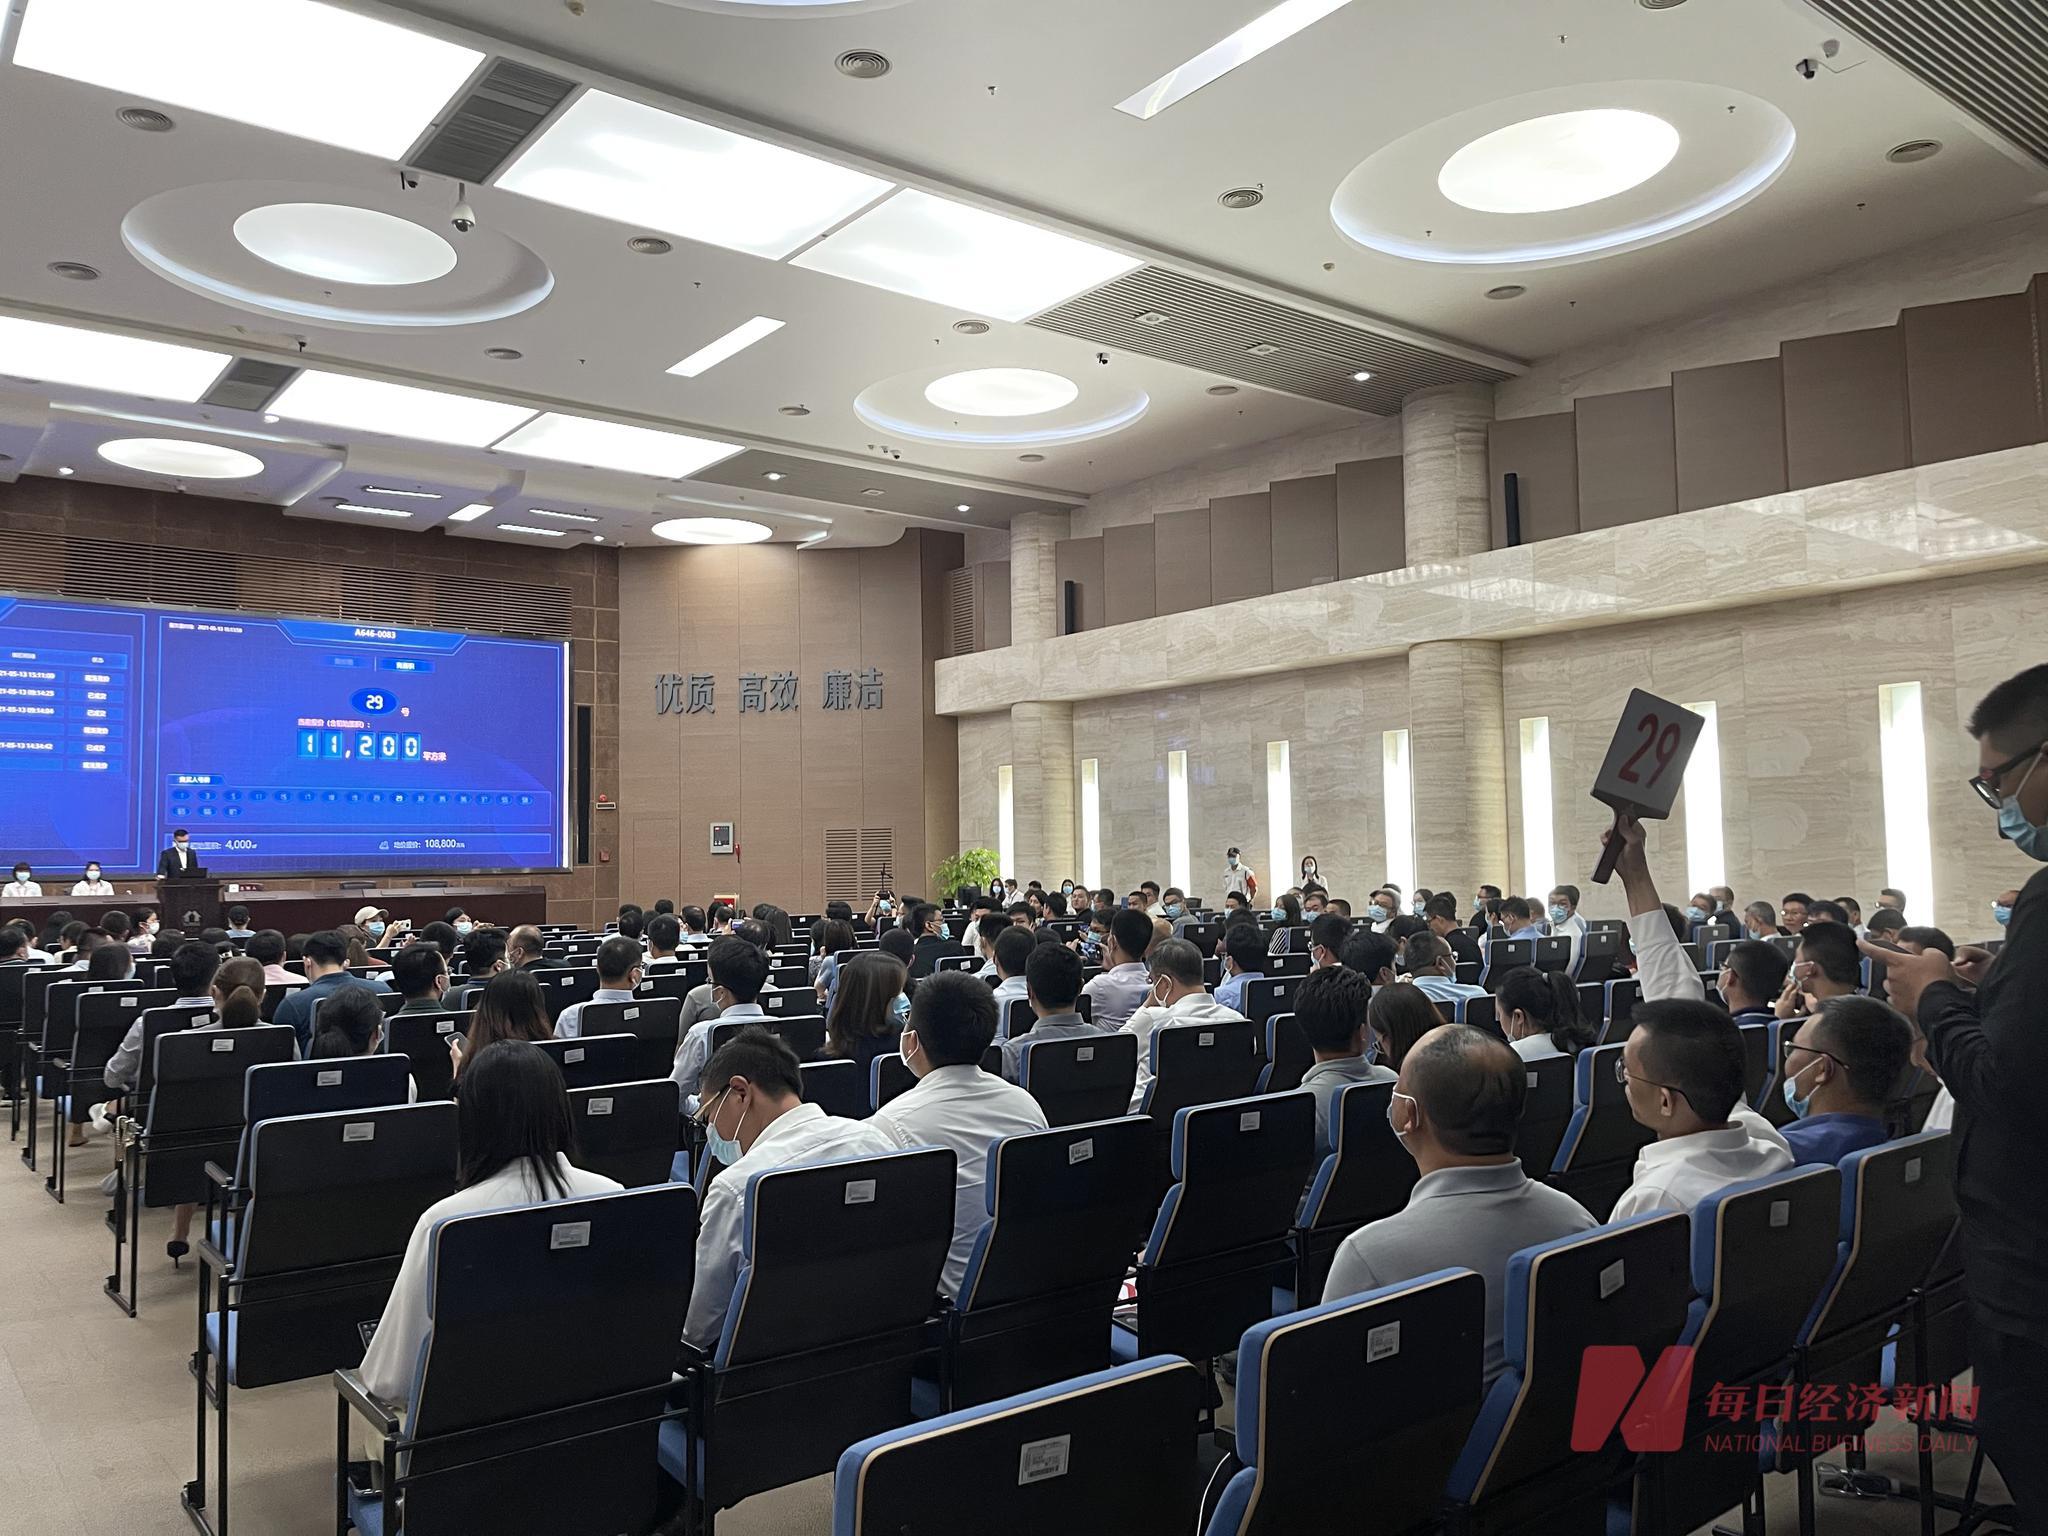 深圳首场集中供地:半小时成交5宗 三点半拿地五点挖掘机进场